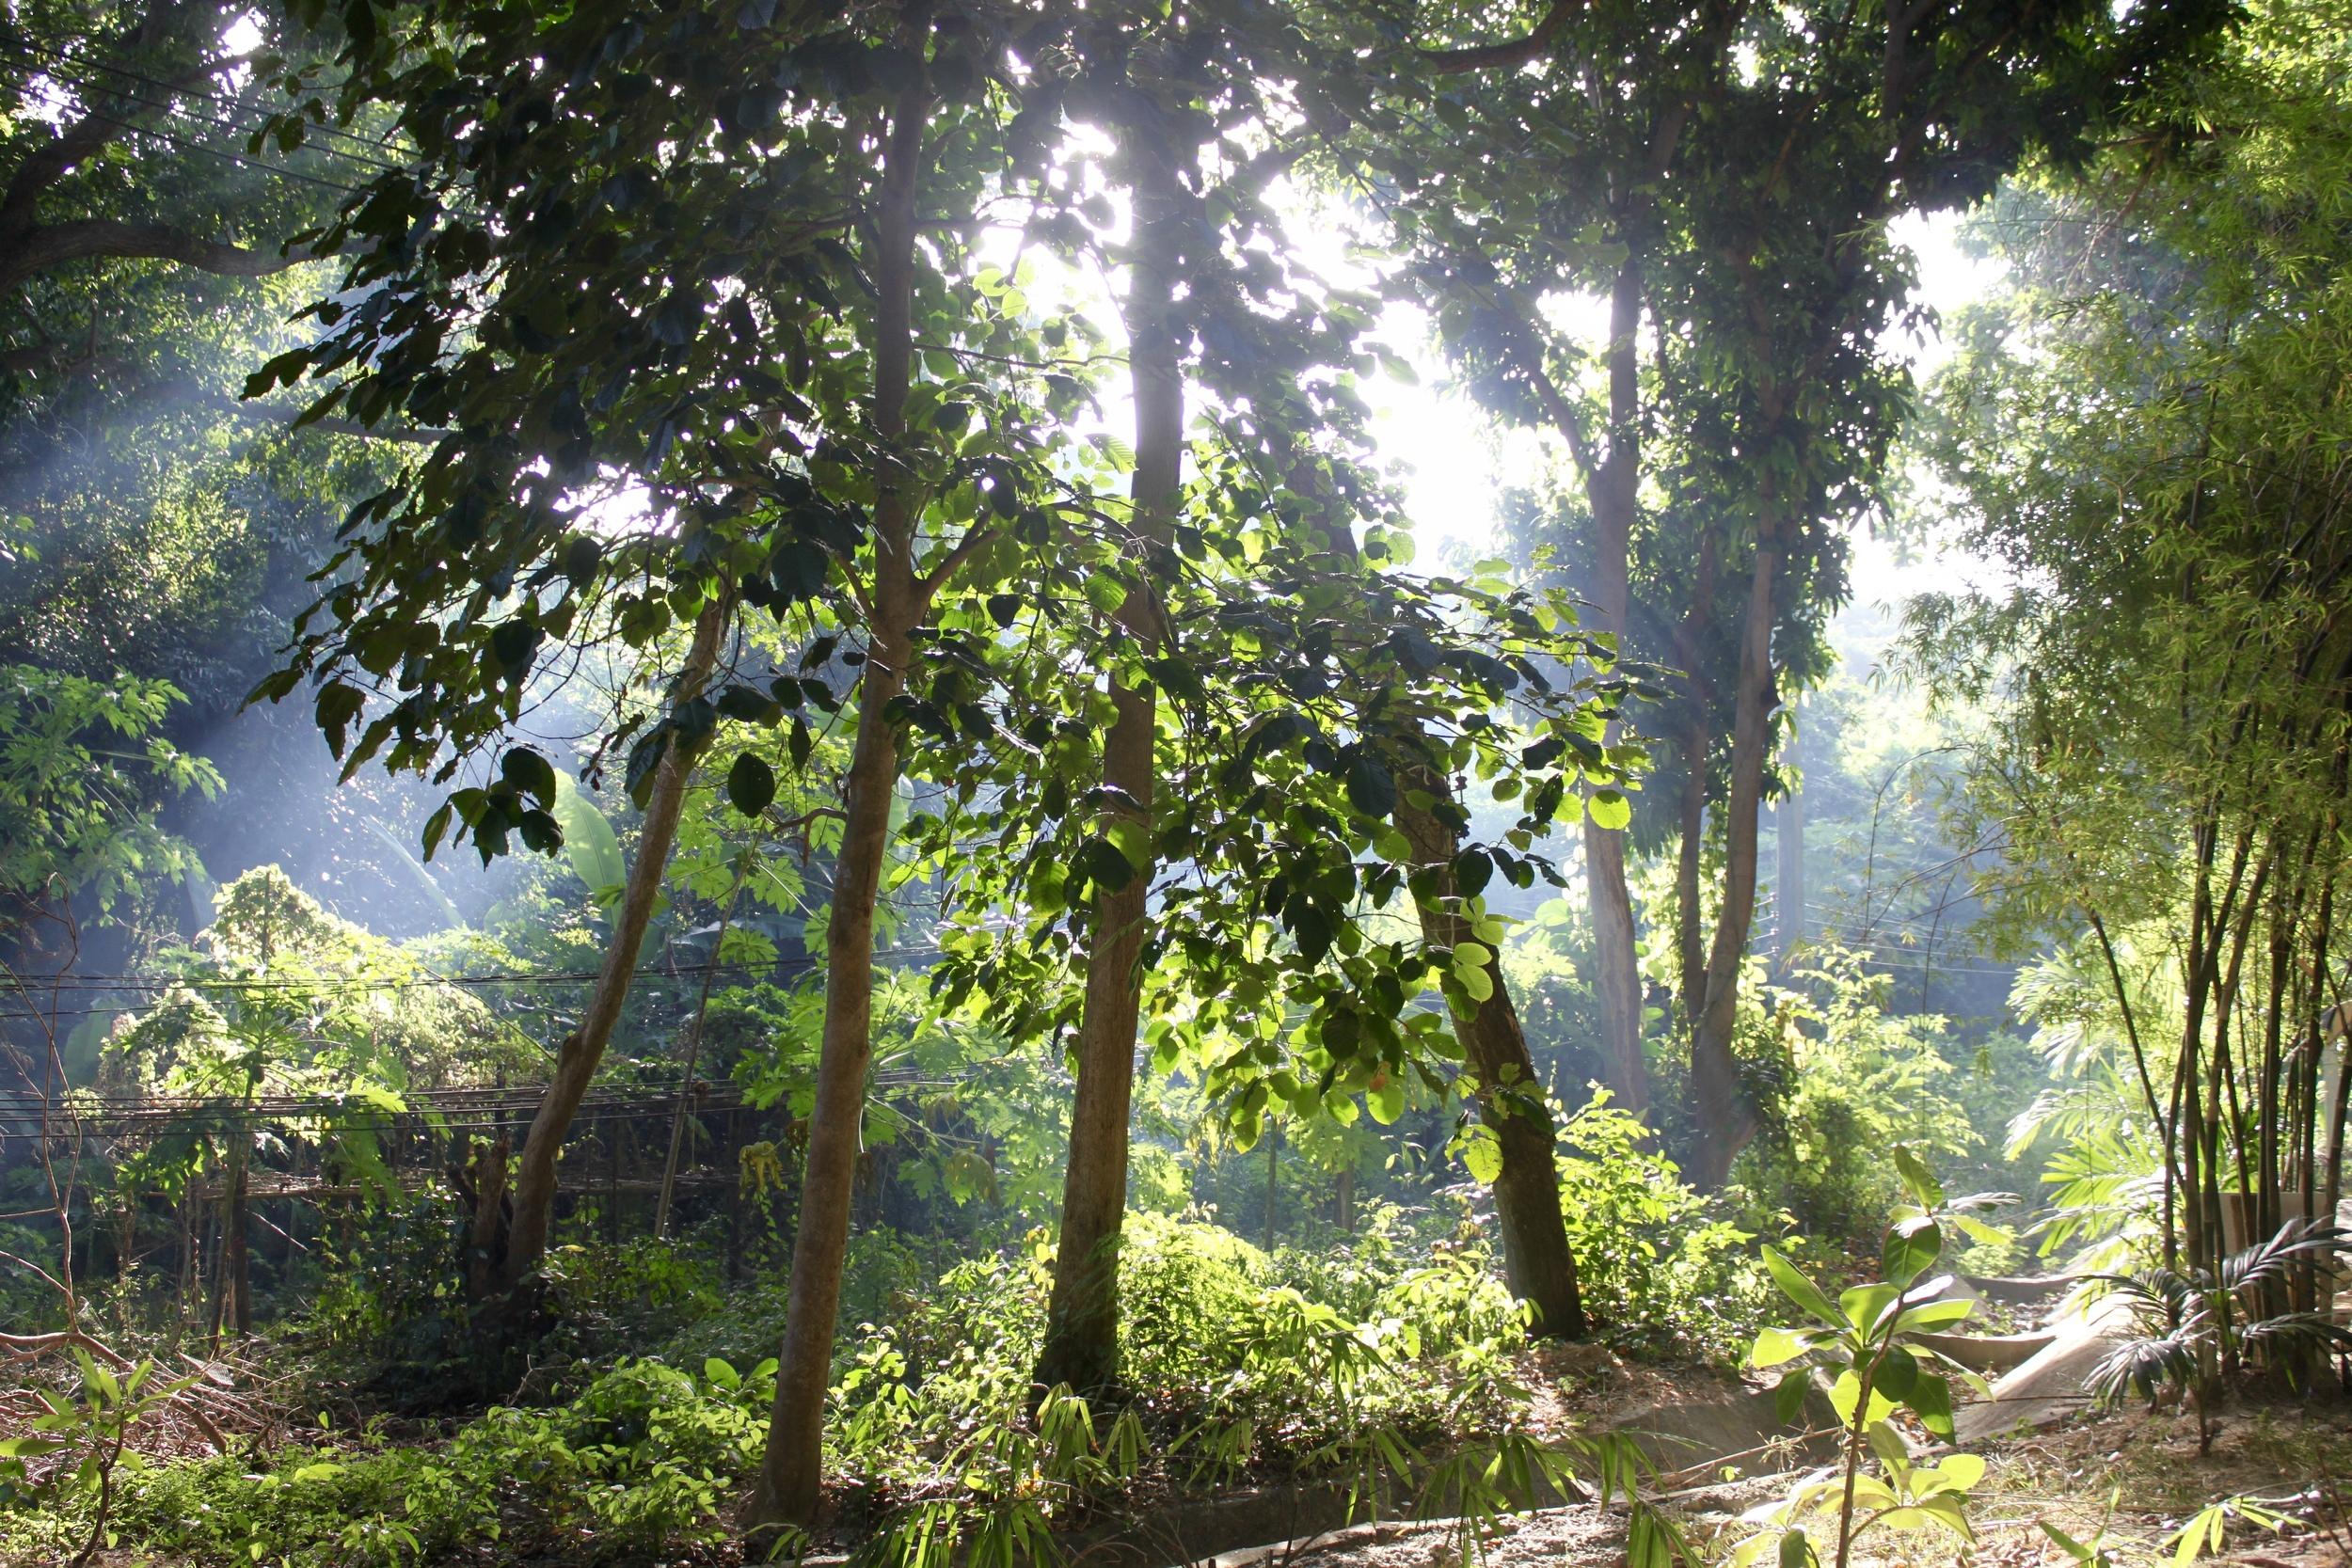 Bordering Ao Wai,  Koh Samet